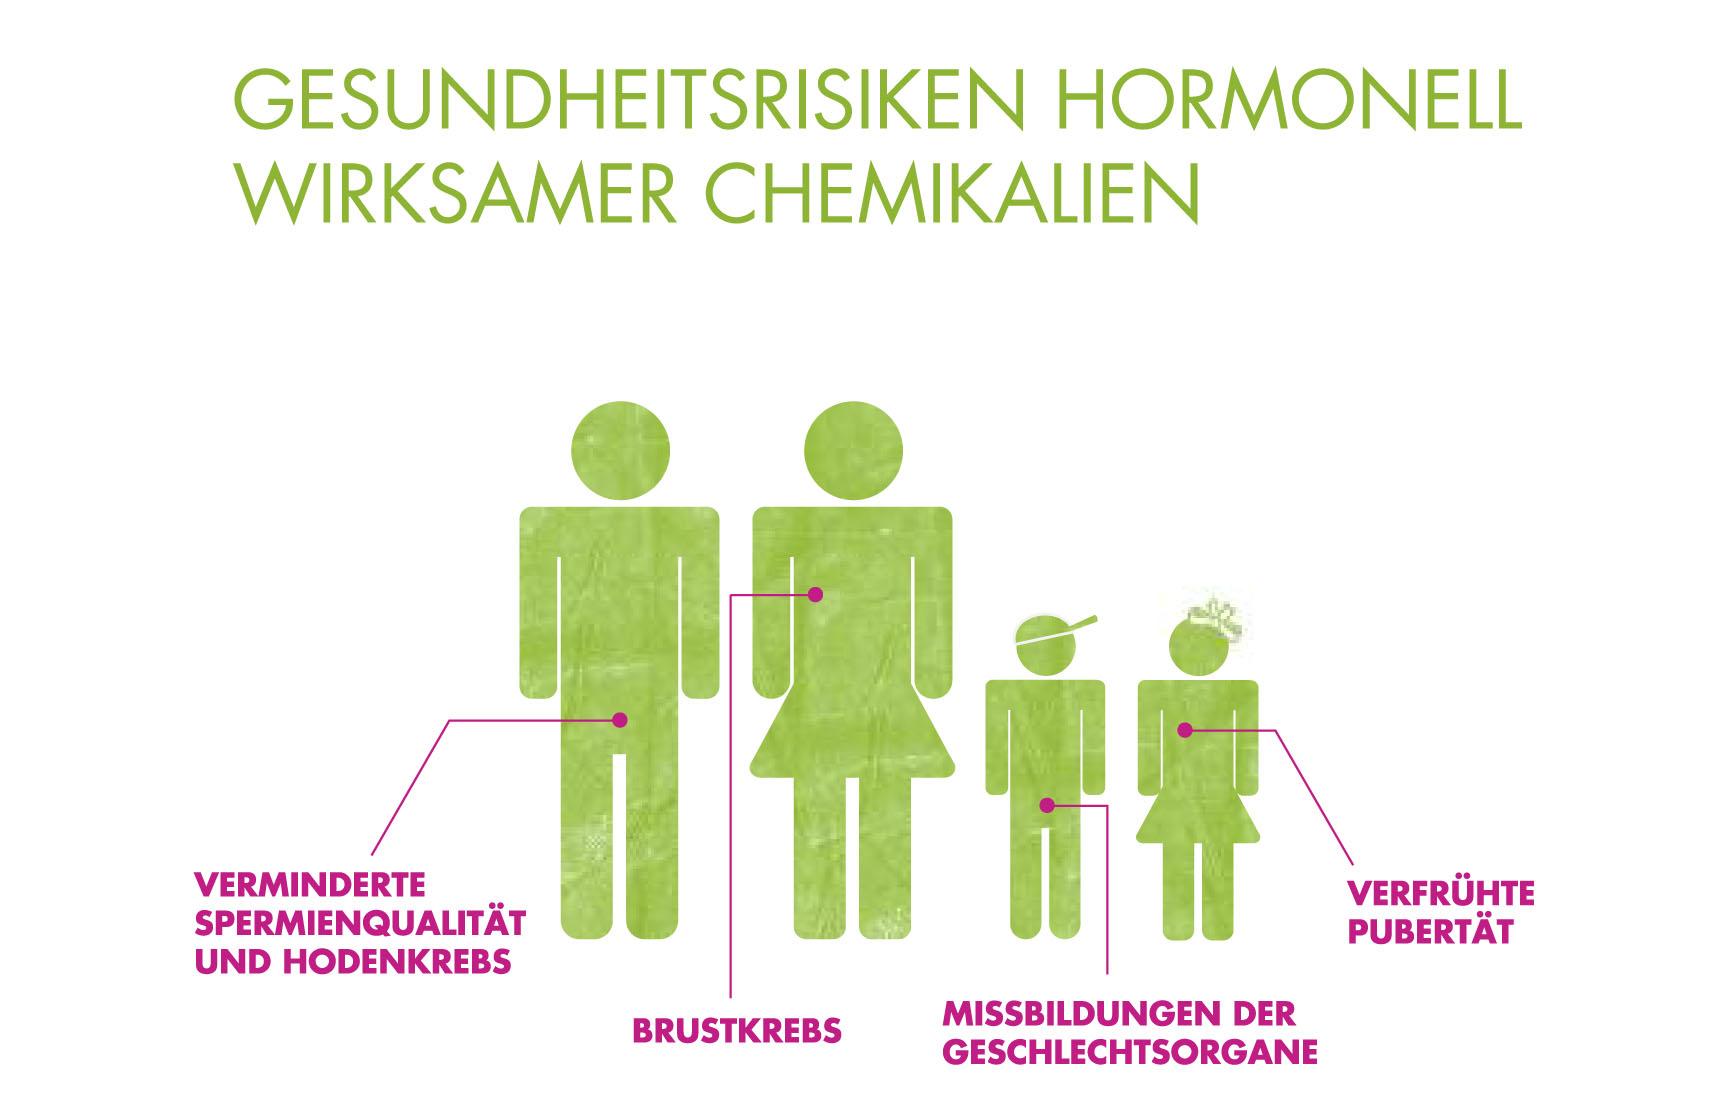 Auswirkungen von hormonell wirksamen Chemikalien, Grafik: BUND/i-gelb